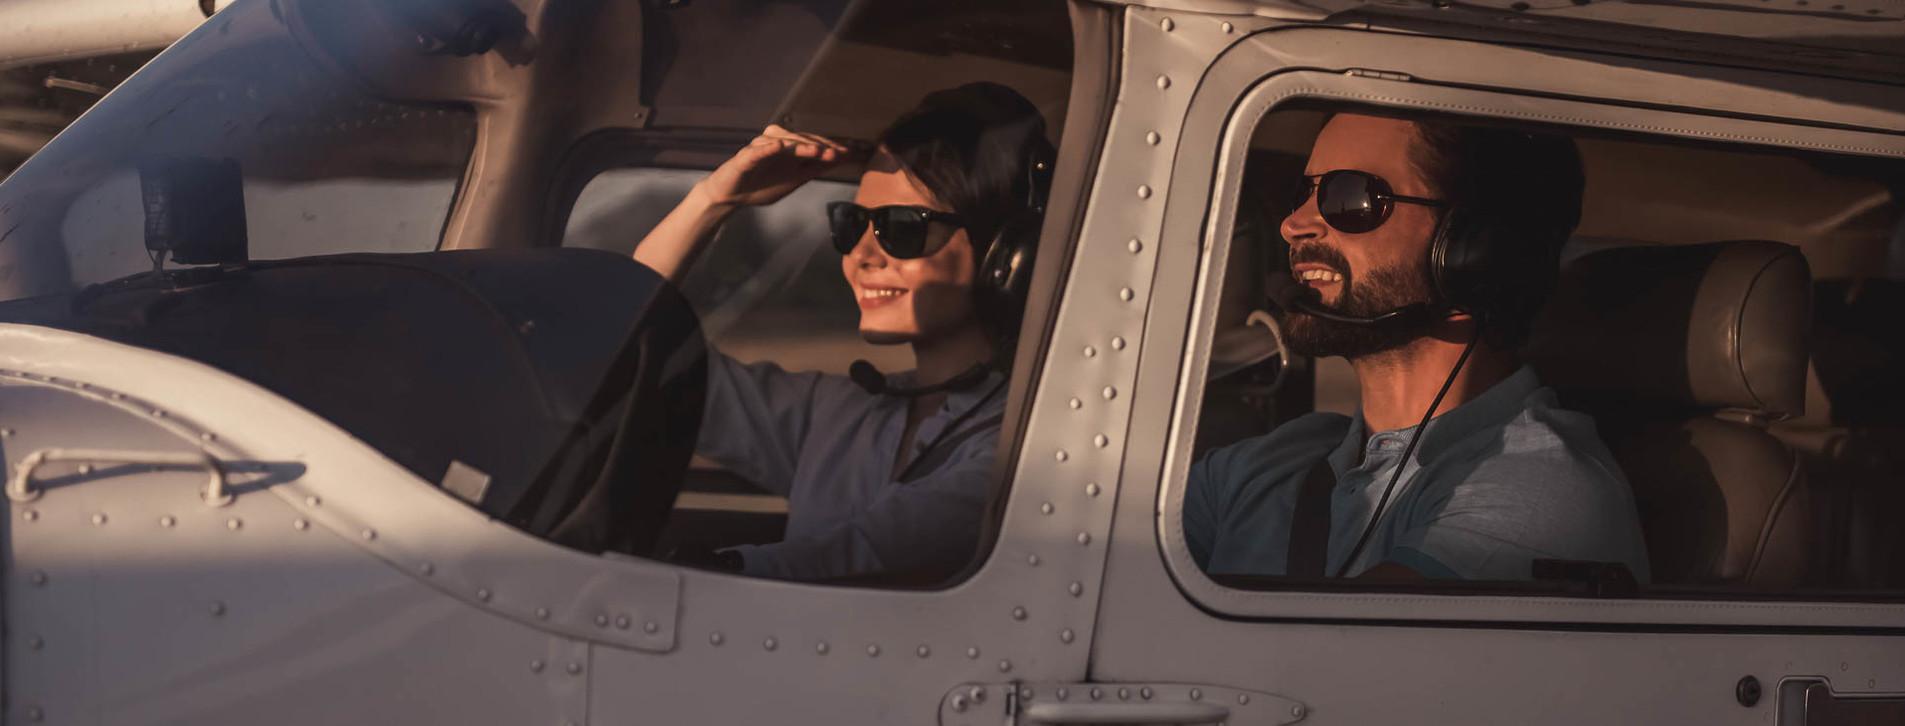 Фото - Учебный полет на самолете для двоих